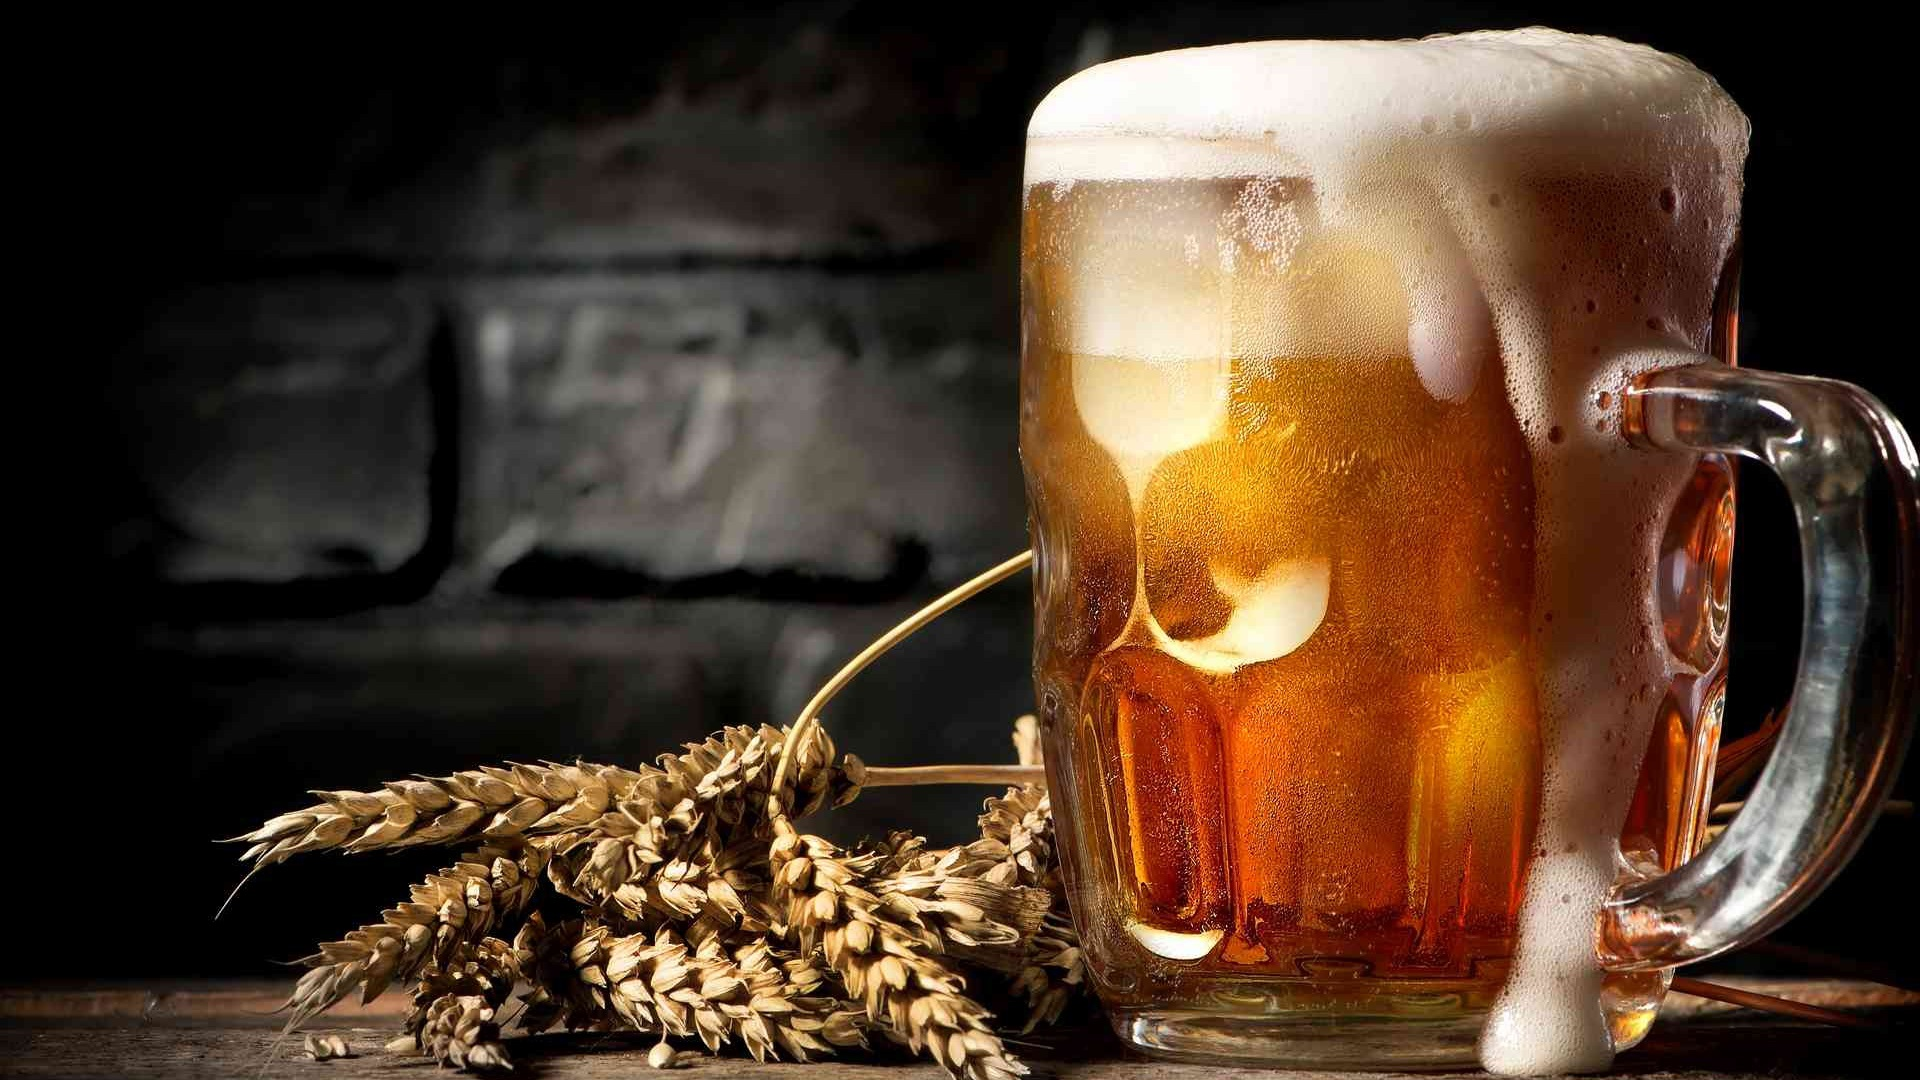 помощью простых фото кружки пива красивое плёнку снимали обложки